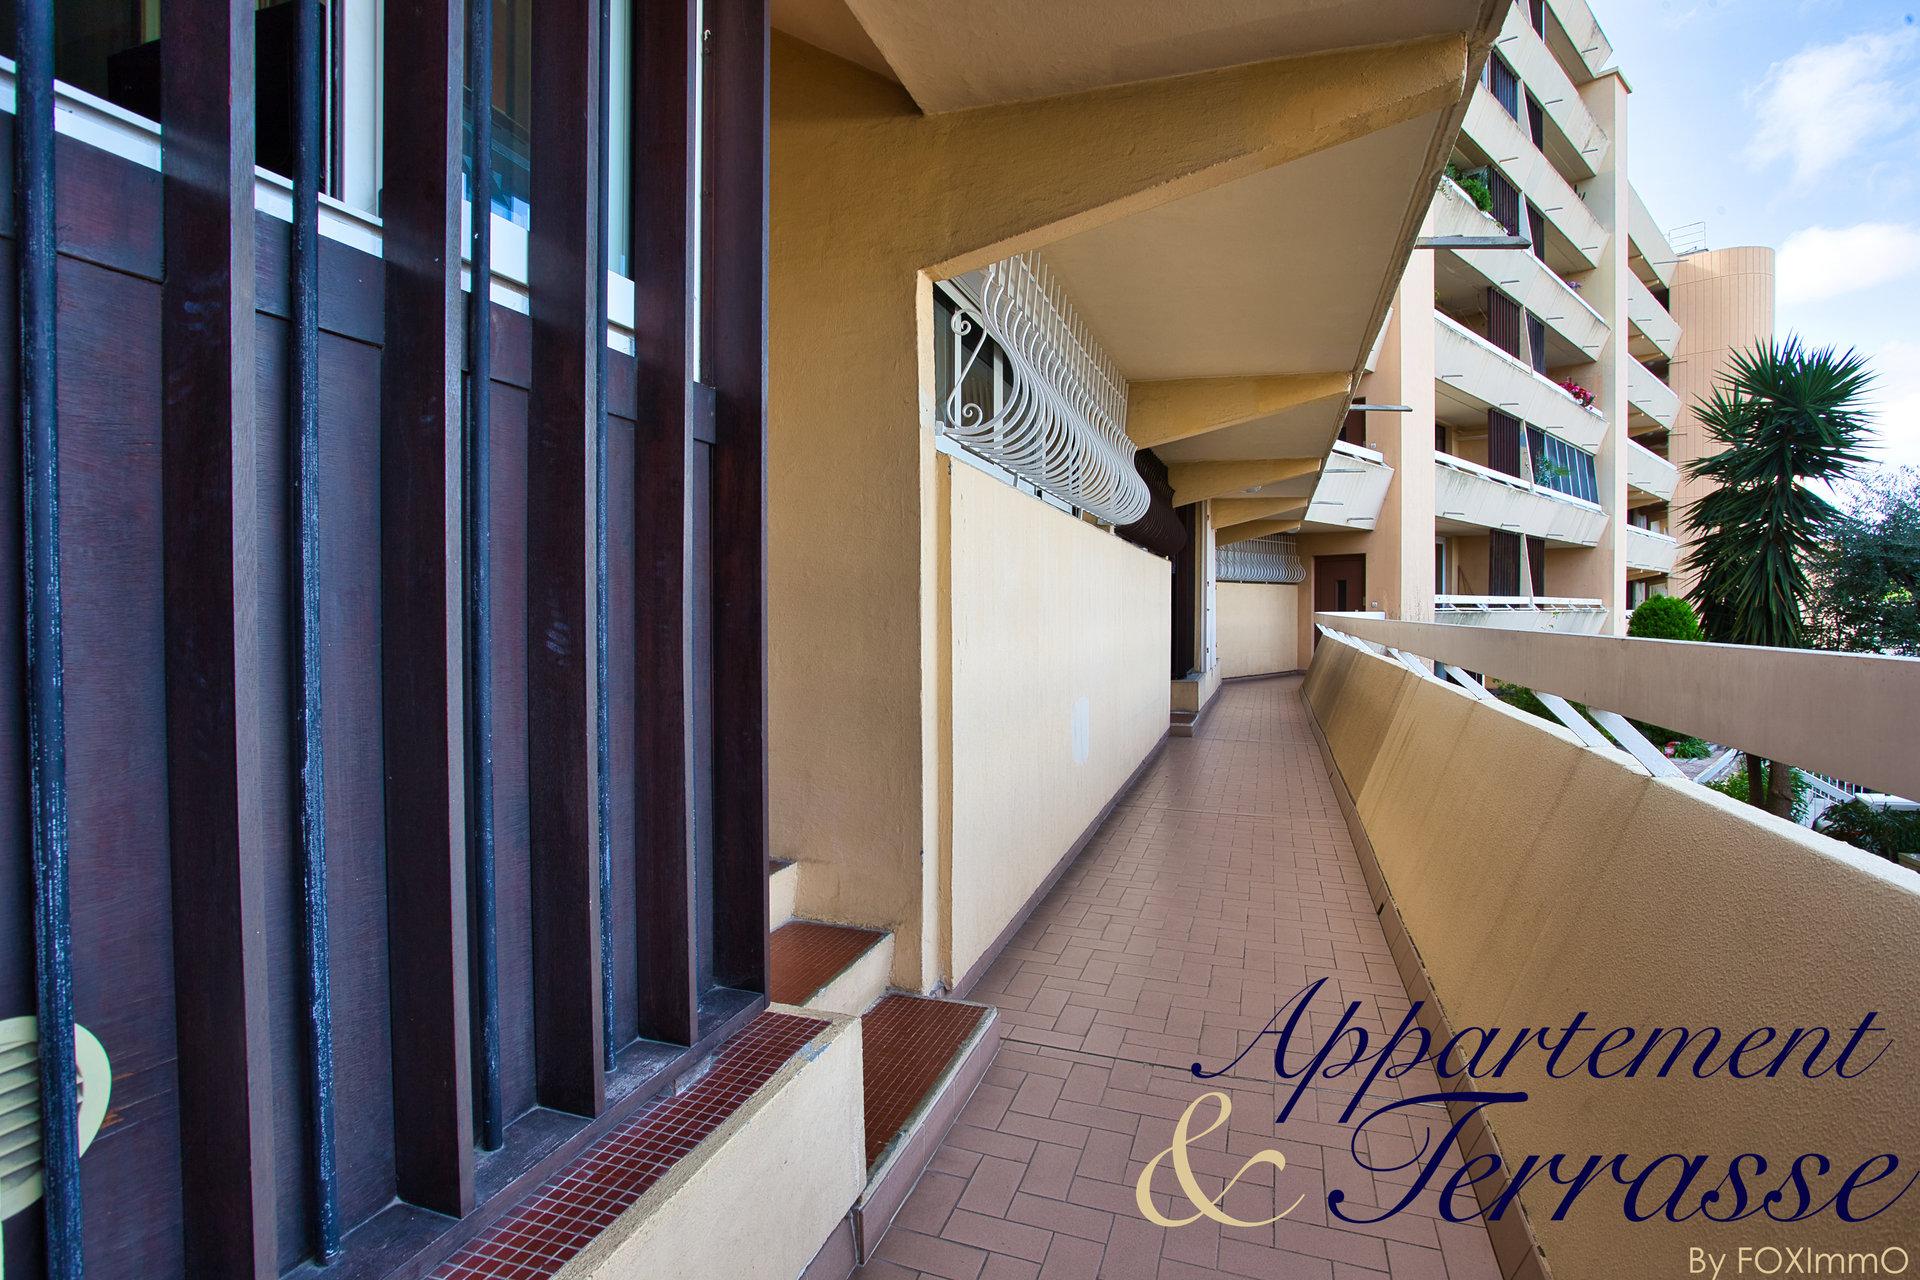 Appartamento 3P 58m ² in una zona tranquilla esposta a sud